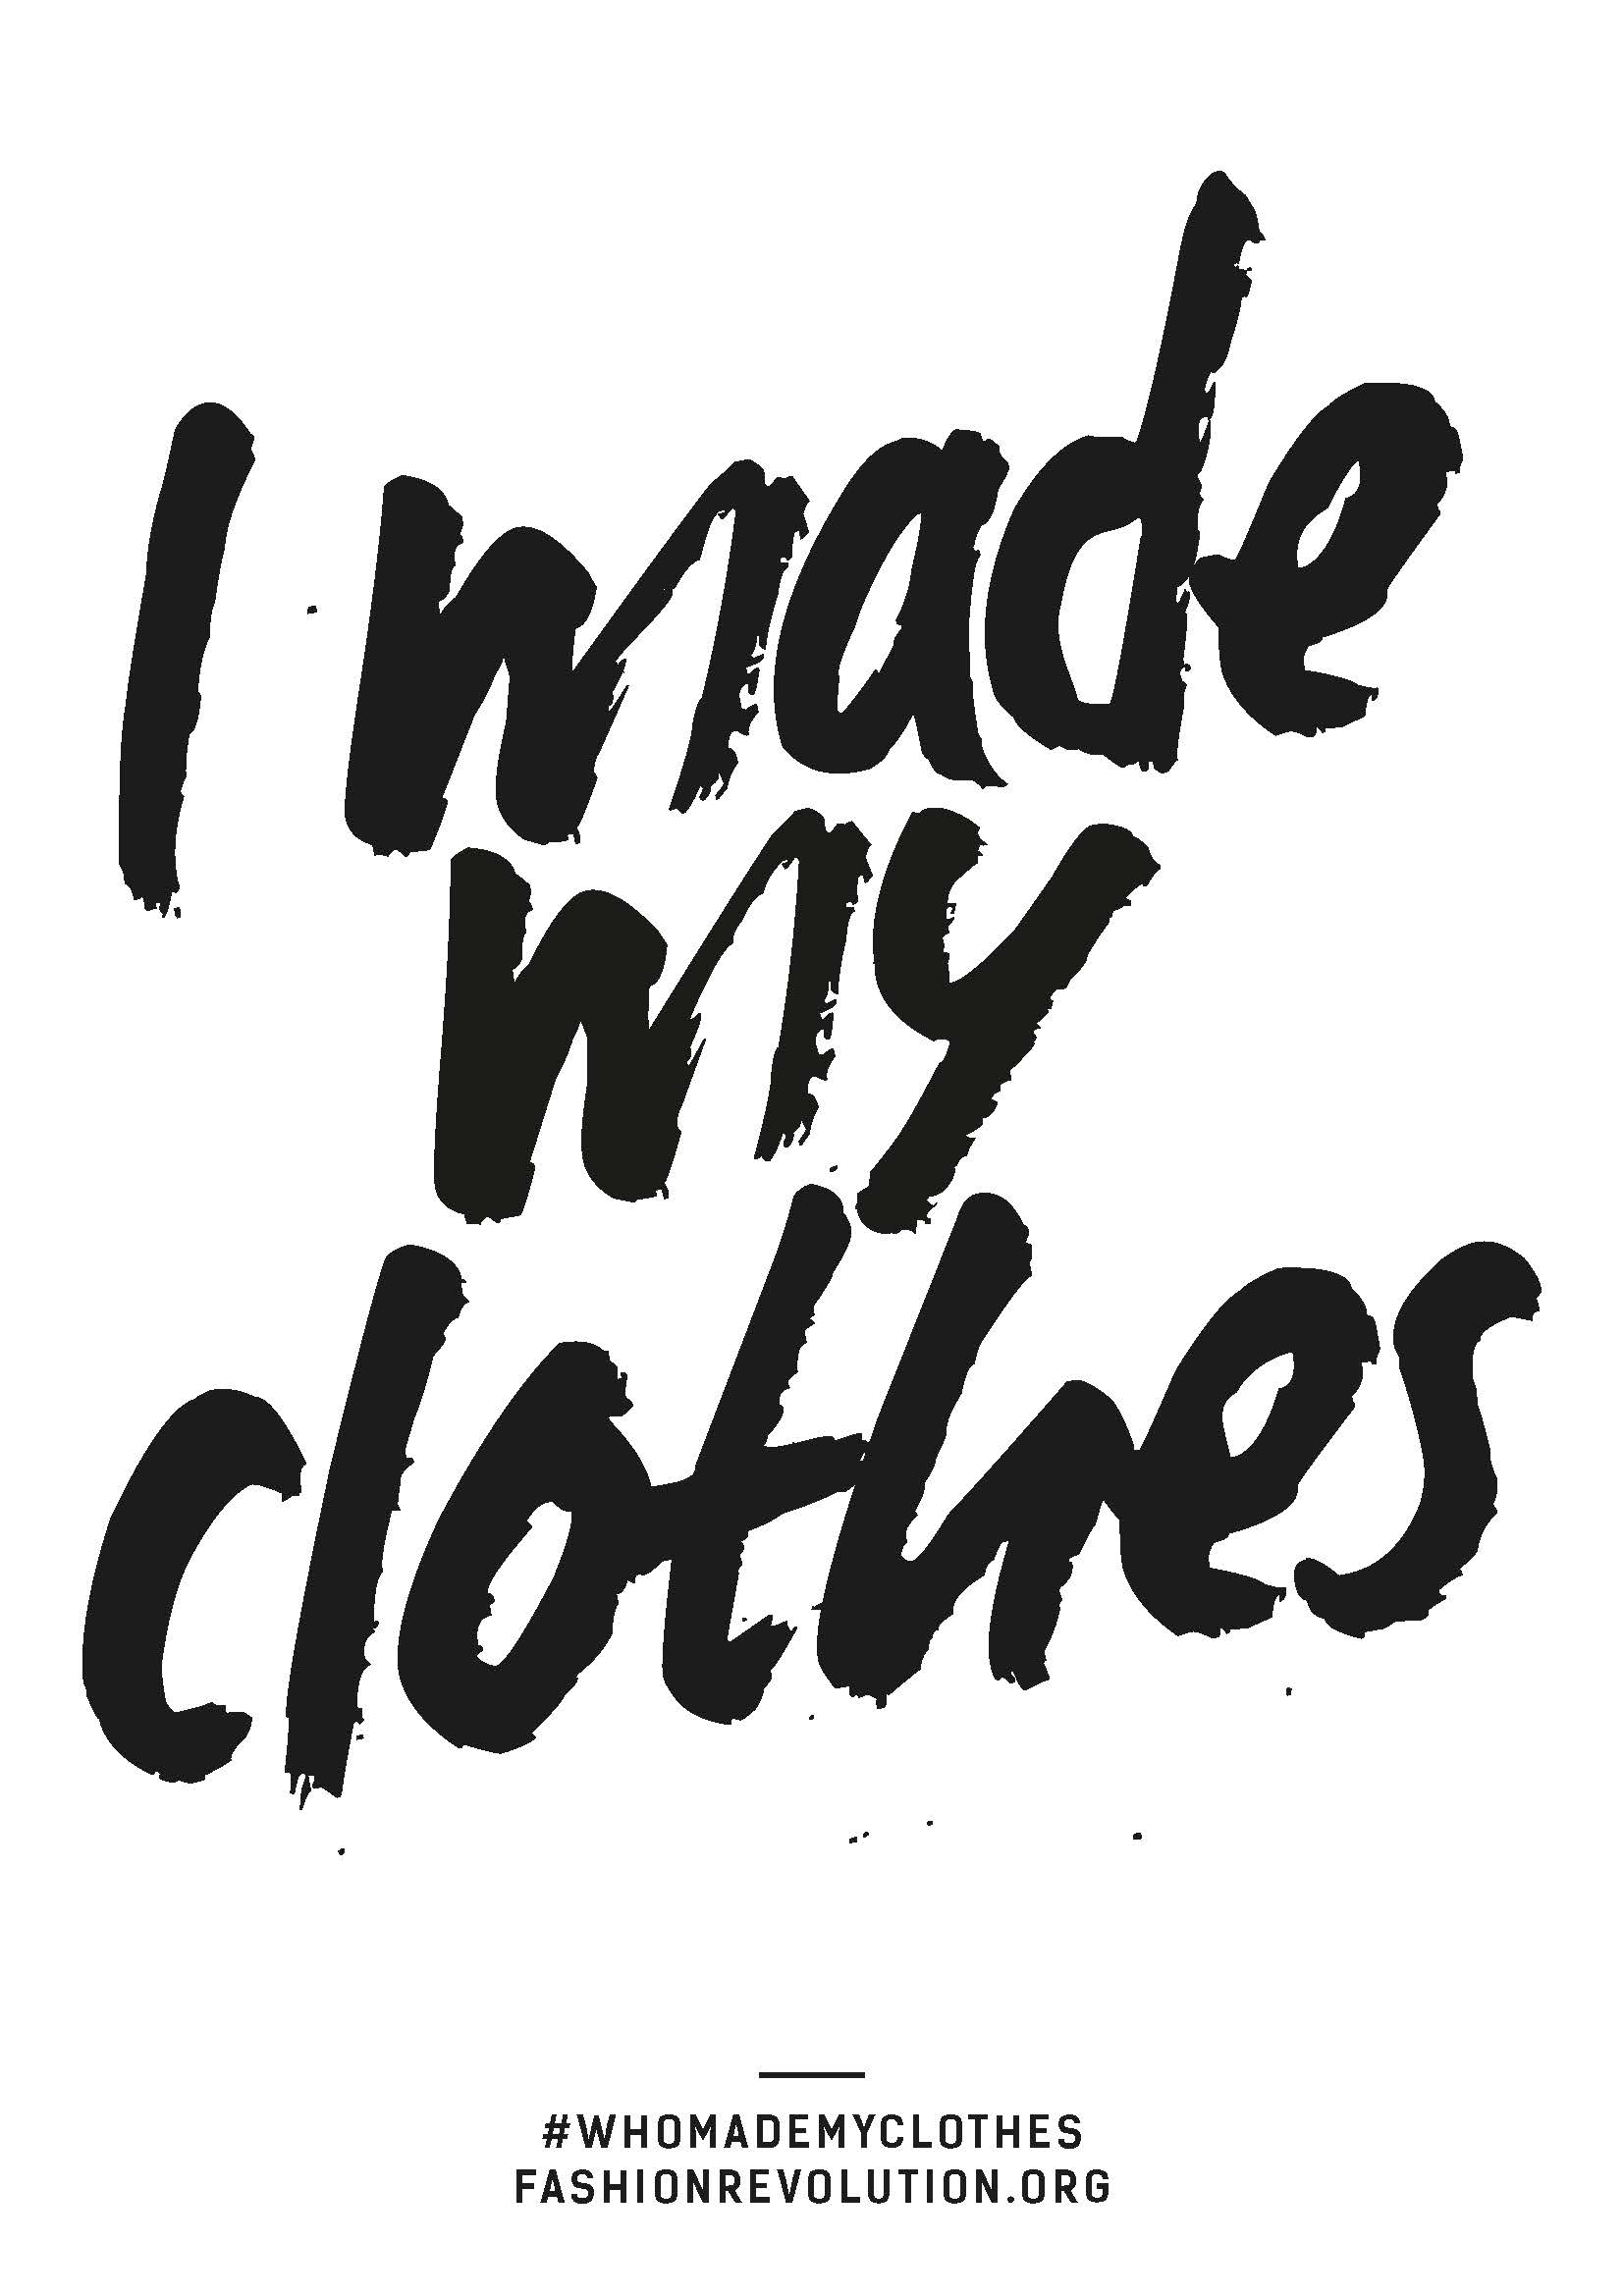 Fashion révolution et couture responsable - Avril sur un fil